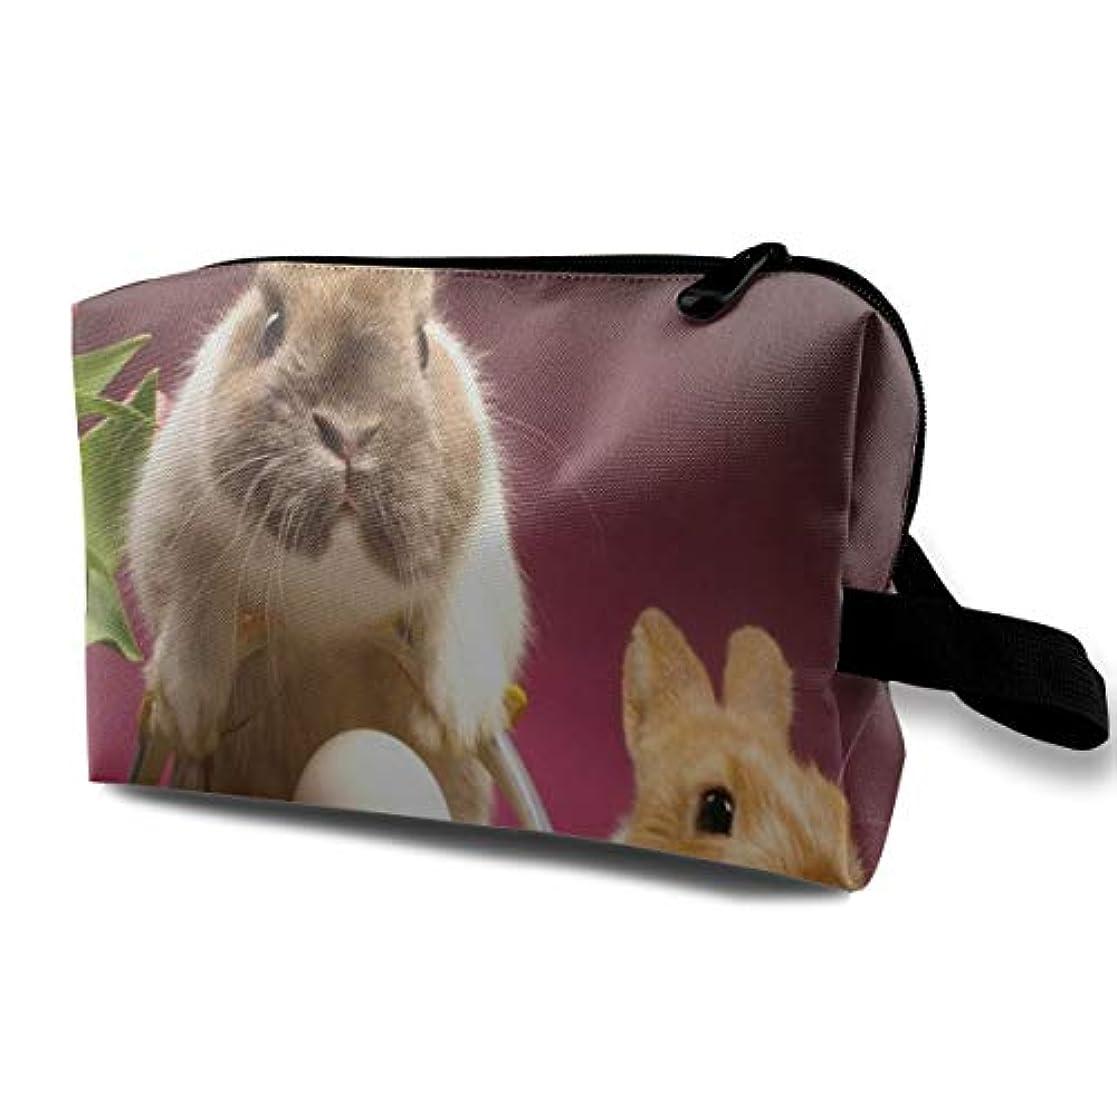 導体スリム周波数Easter Bud Tulip Rabbit Eggs 収納ポーチ 化粧ポーチ 大容量 軽量 耐久性 ハンドル付持ち運び便利。入れ 自宅?出張?旅行?アウトドア撮影などに対応。メンズ レディース トラベルグッズ